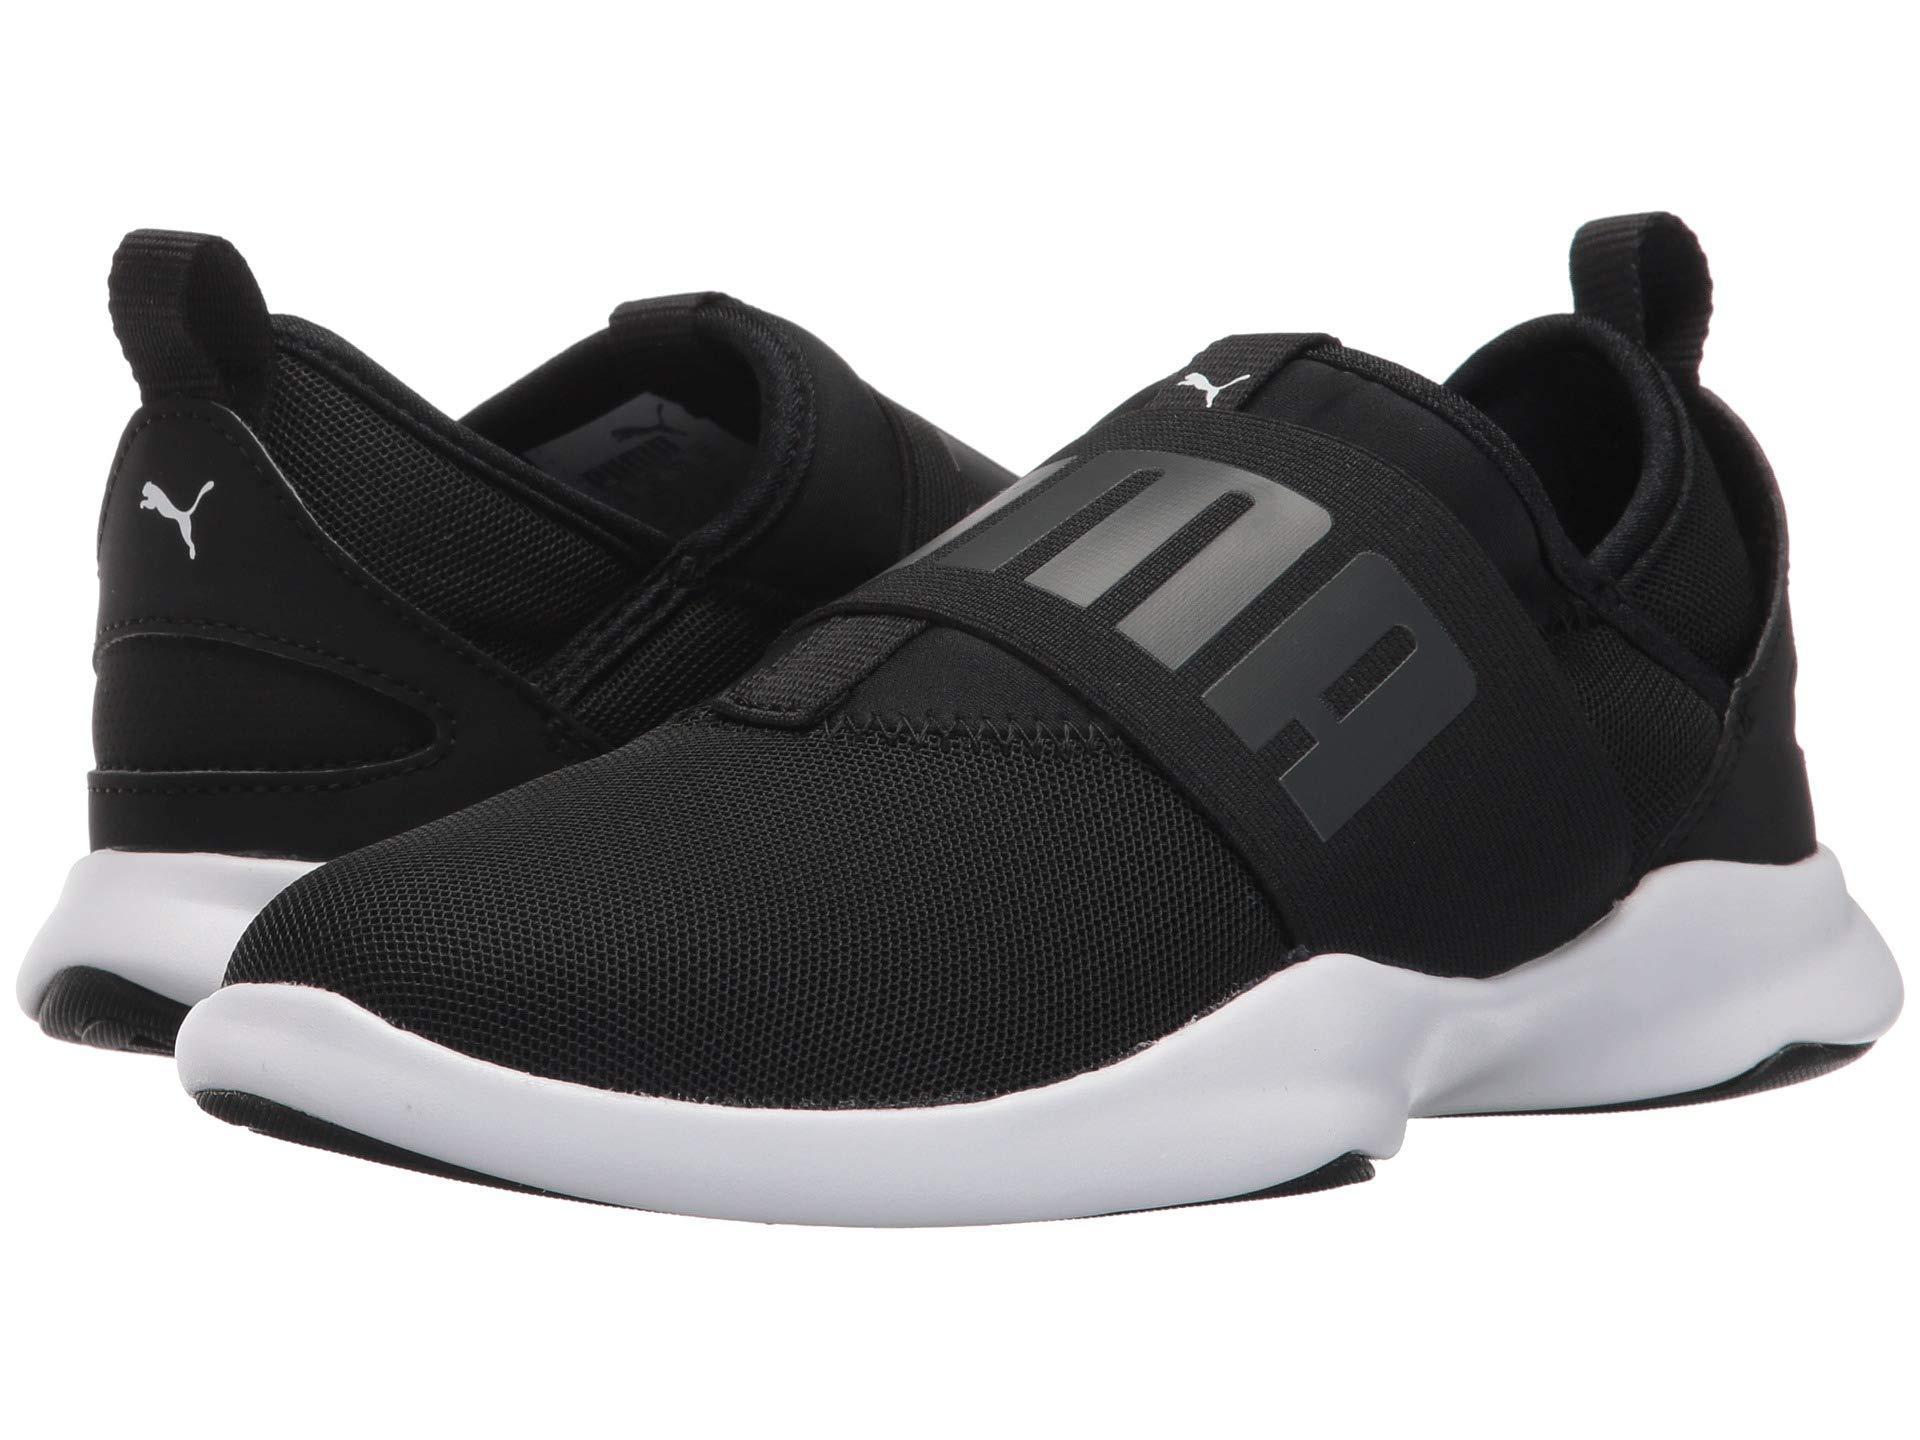 986cc8080a2d7e Lyst - PUMA Dare Sneaker in Black - Save 27%